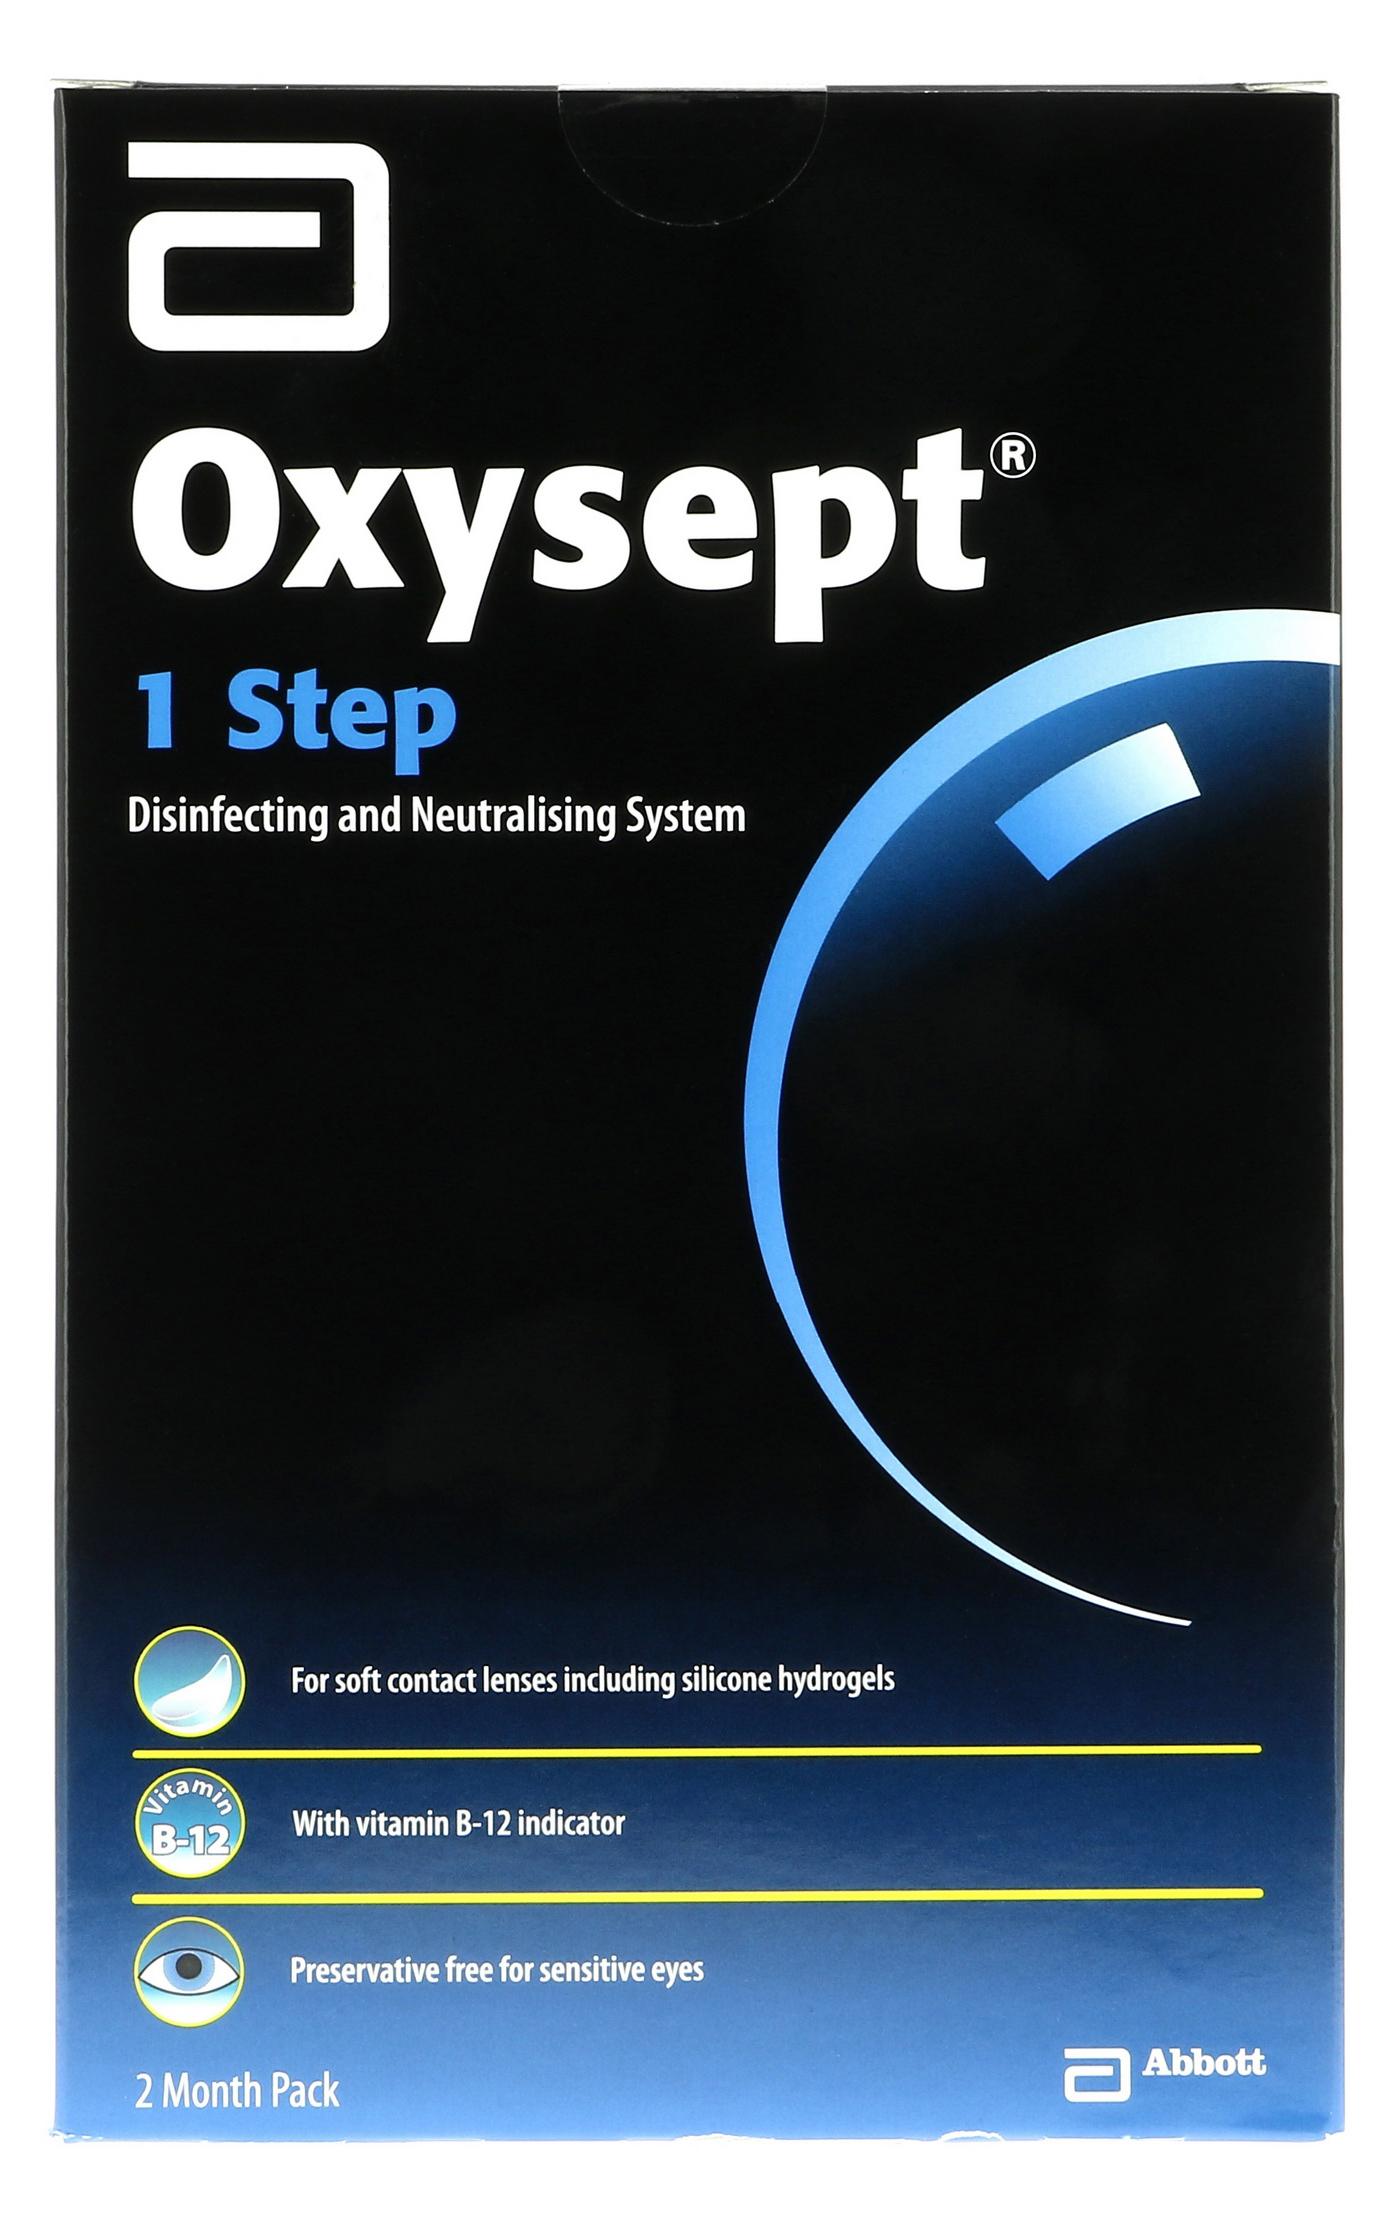 OXYSEPT Pack 2 mois 2 x 300 ml